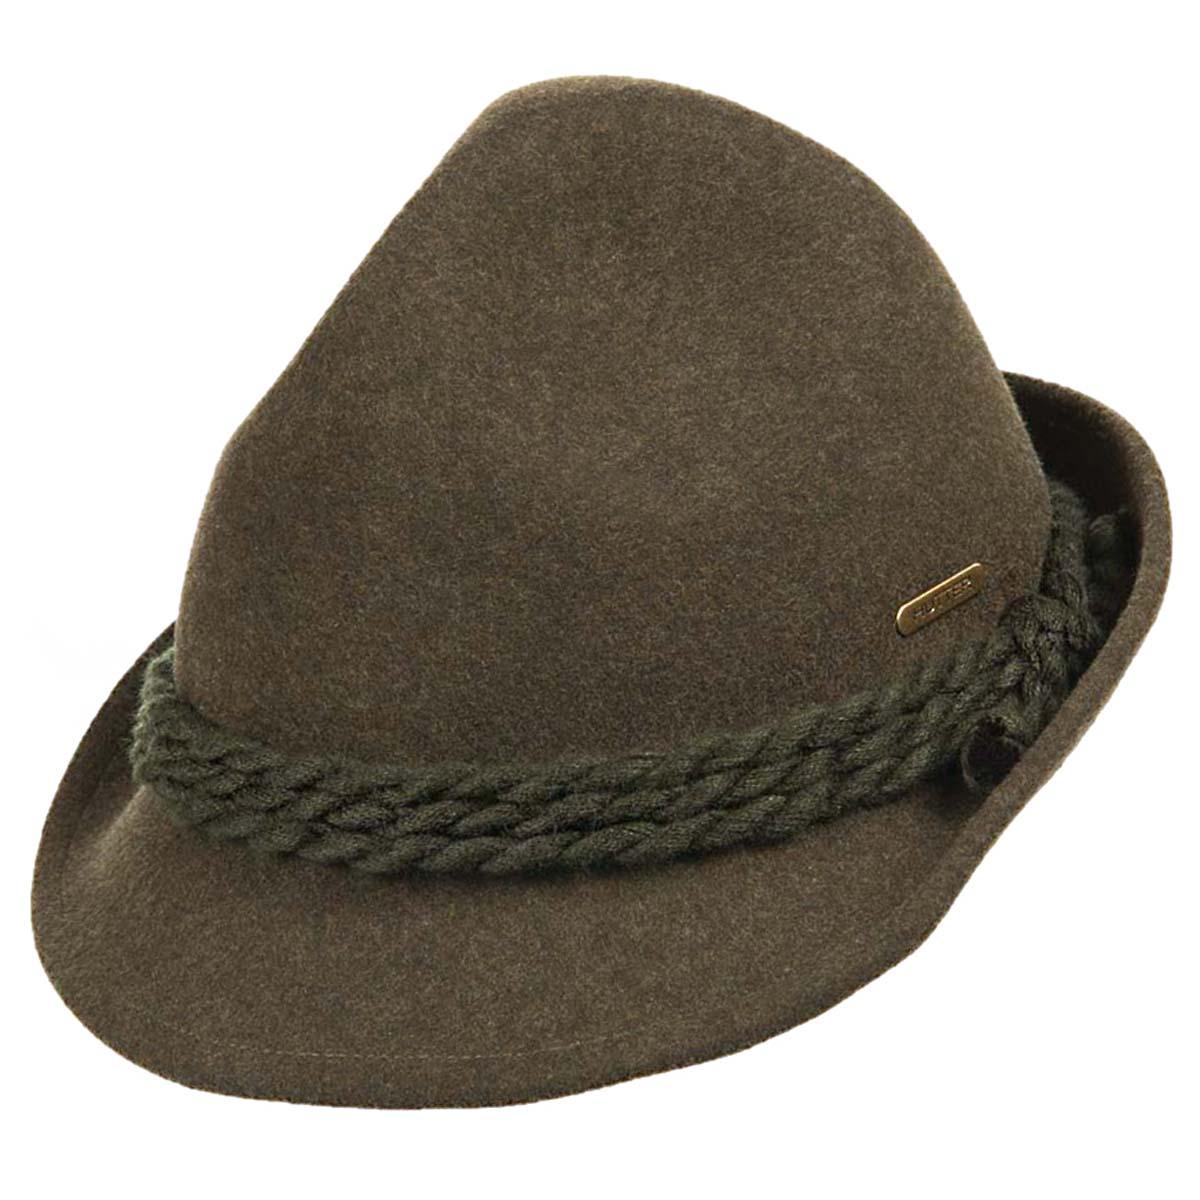 Hutter - cappello da caccia con una cordicella tripla 94de72ff672d